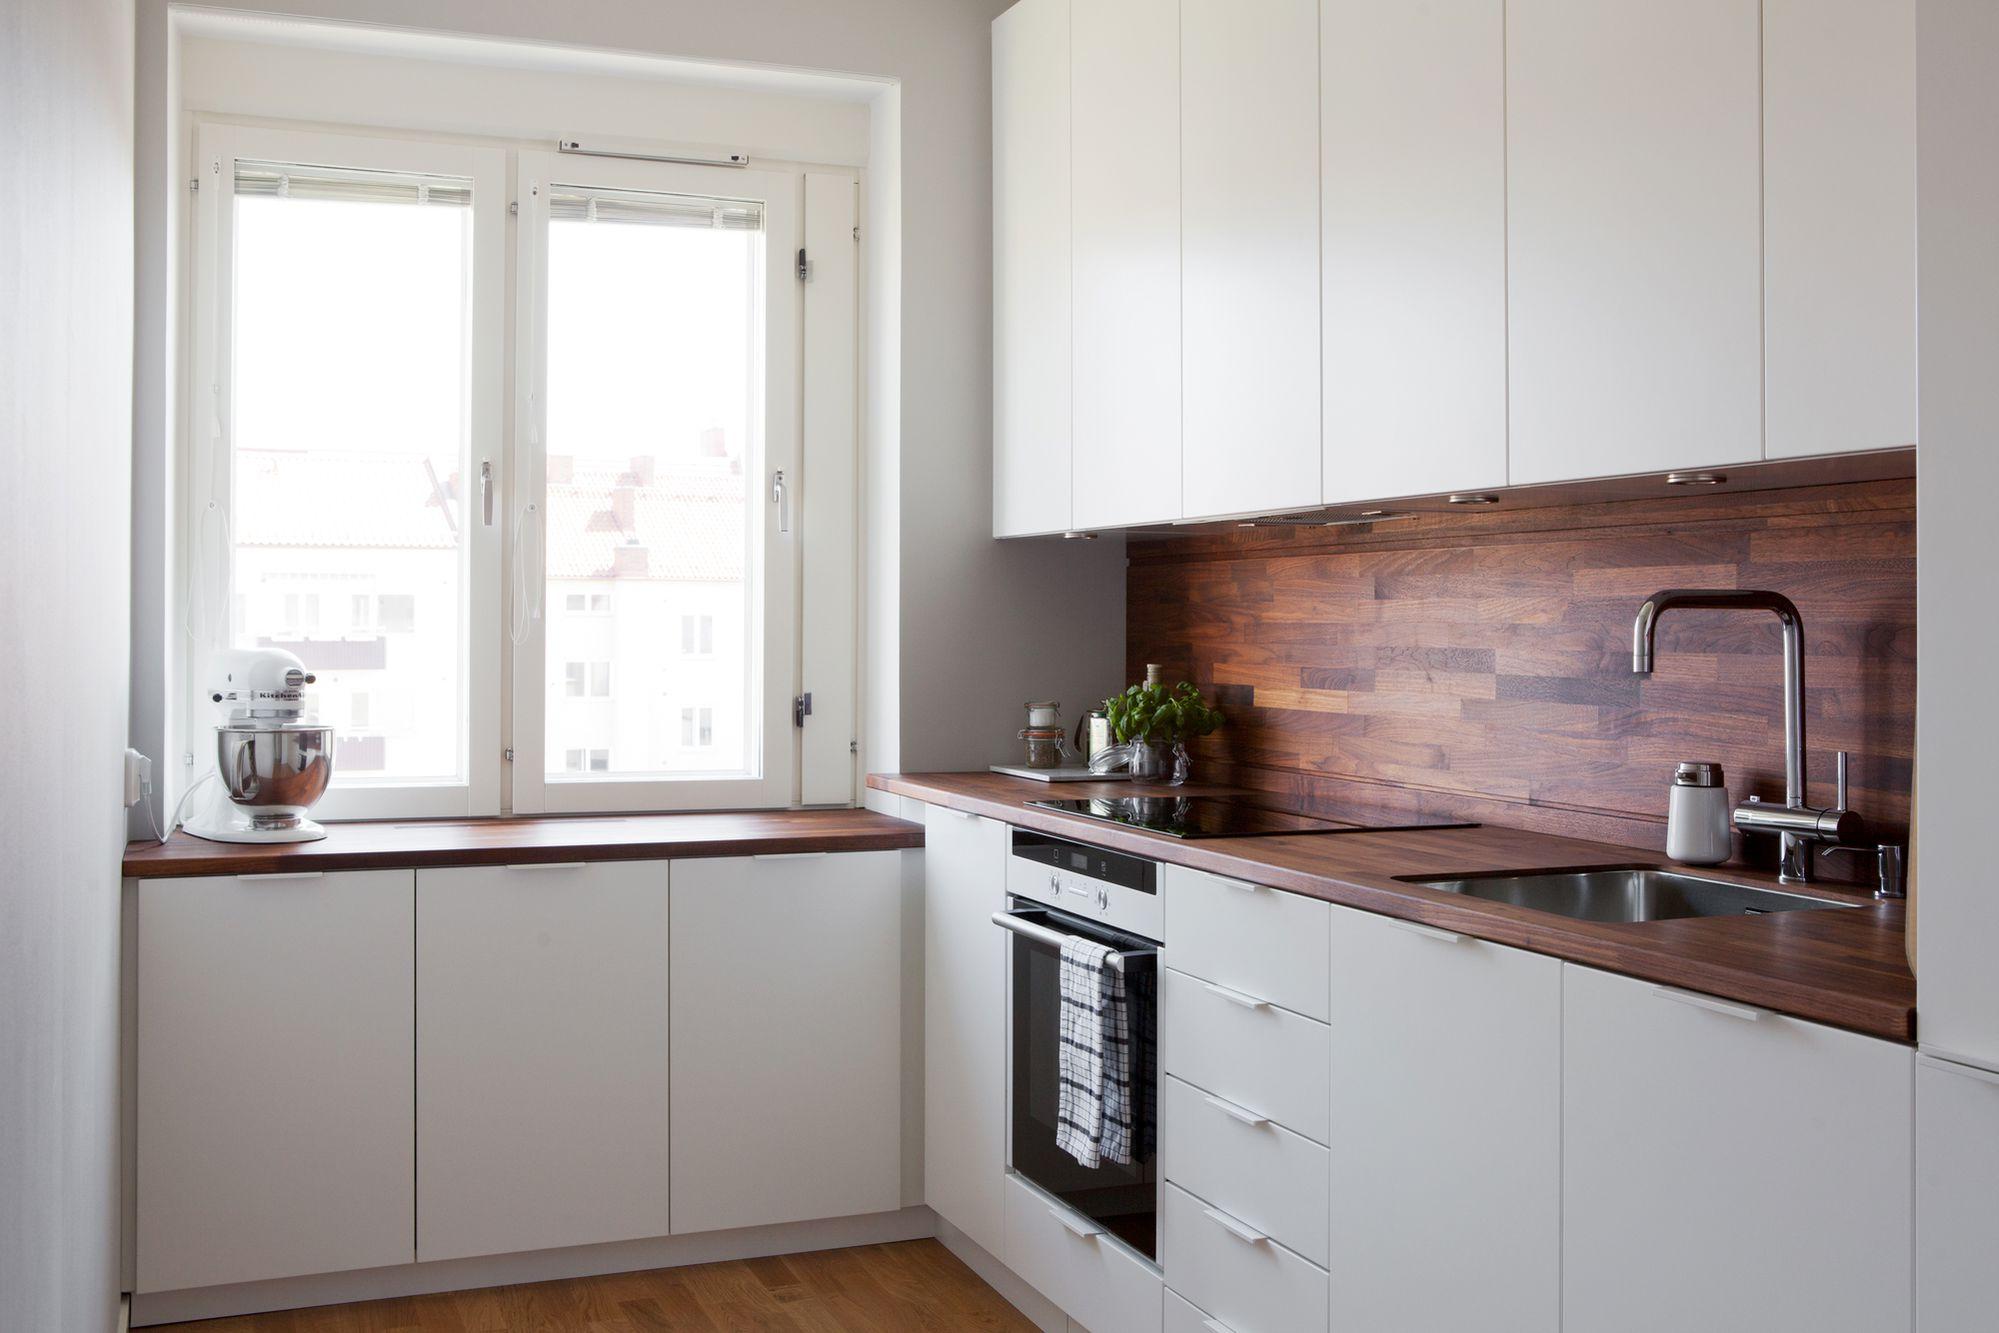 Cocina blanca con revestimiento de madera oscura blog for Blogs de decoracion moderna